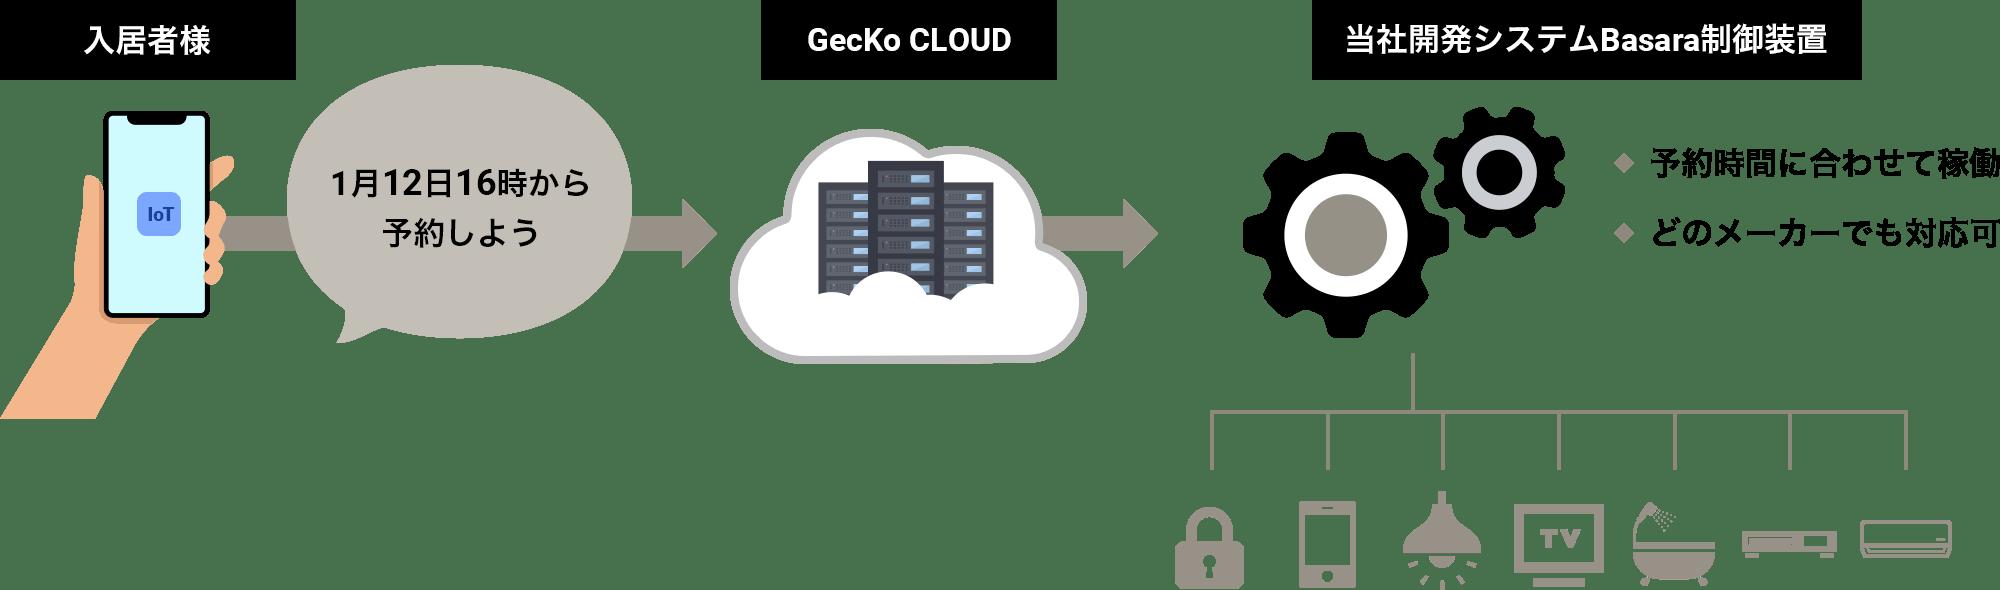 当社独自のIoT技術「GecKo CLOUD」の説明